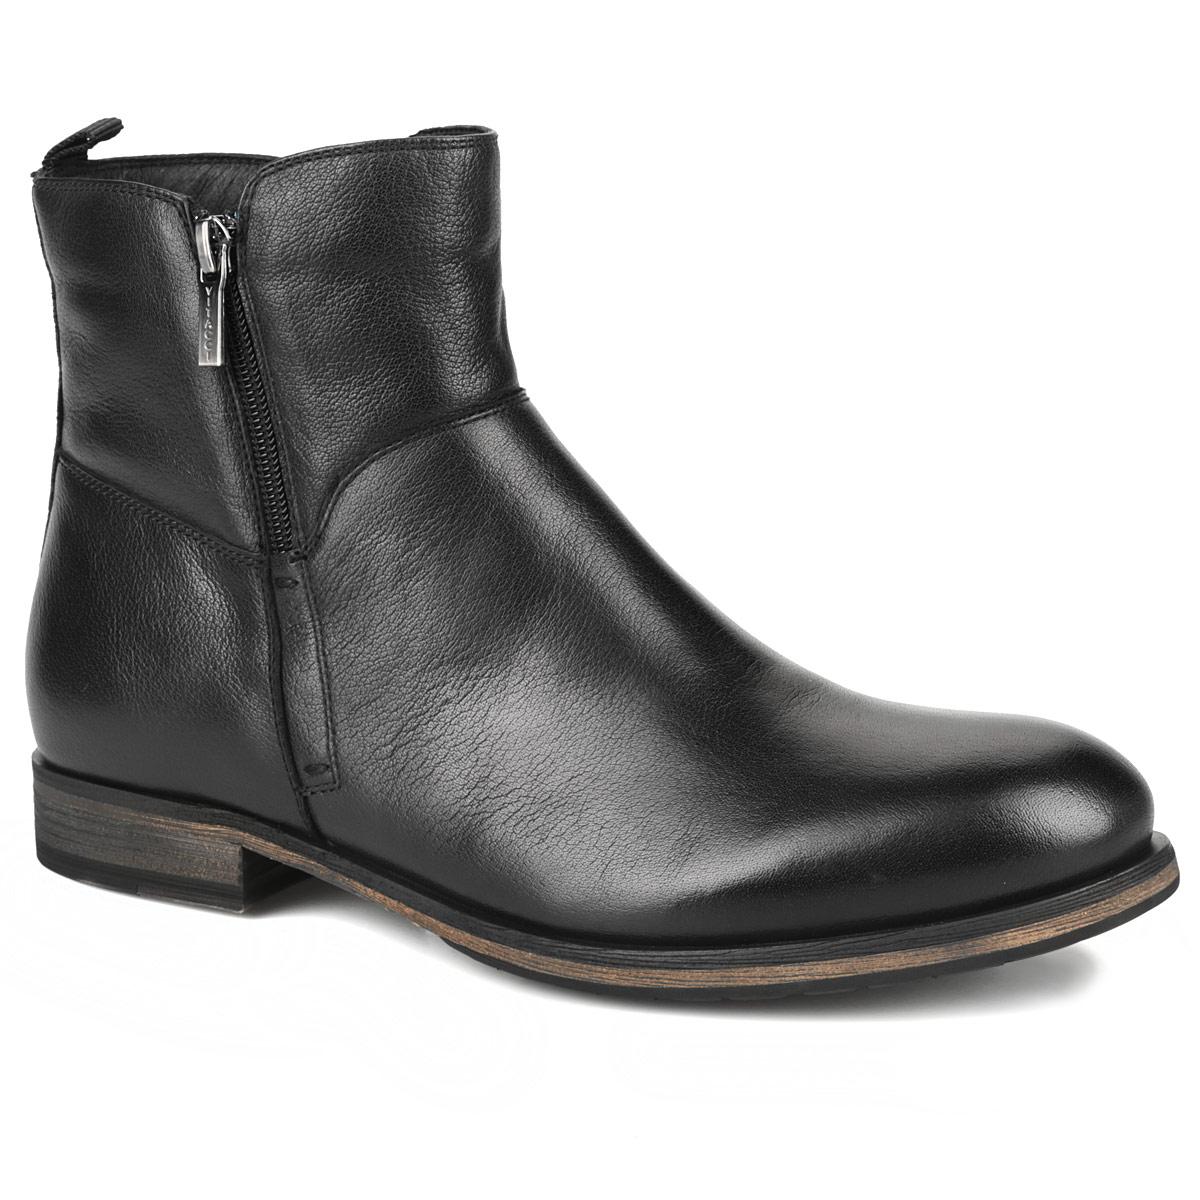 Ботинки мужские. M21242M21242Стильные мужские ботинки от Vitacci - отличный вариант на каждый день. Ботинки изготовлены из натуральной кожи. Подкладка и стелька - из мягкого ворсина защитит ноги от холода и обеспечит комфорт. Задник дополнен ярлычком. Ботинки застегиваются на молнии, расположенные по бокам. С одной стороны молния застегивается от щиколотки до верха голенища. Подошва из резины с рельефным протектором обеспечивает отличное сцепление на любой поверхности. В этих ботинках вашим ногам будет комфортно и уютно. Они подчеркнут ваш стиль и индивидуальность.